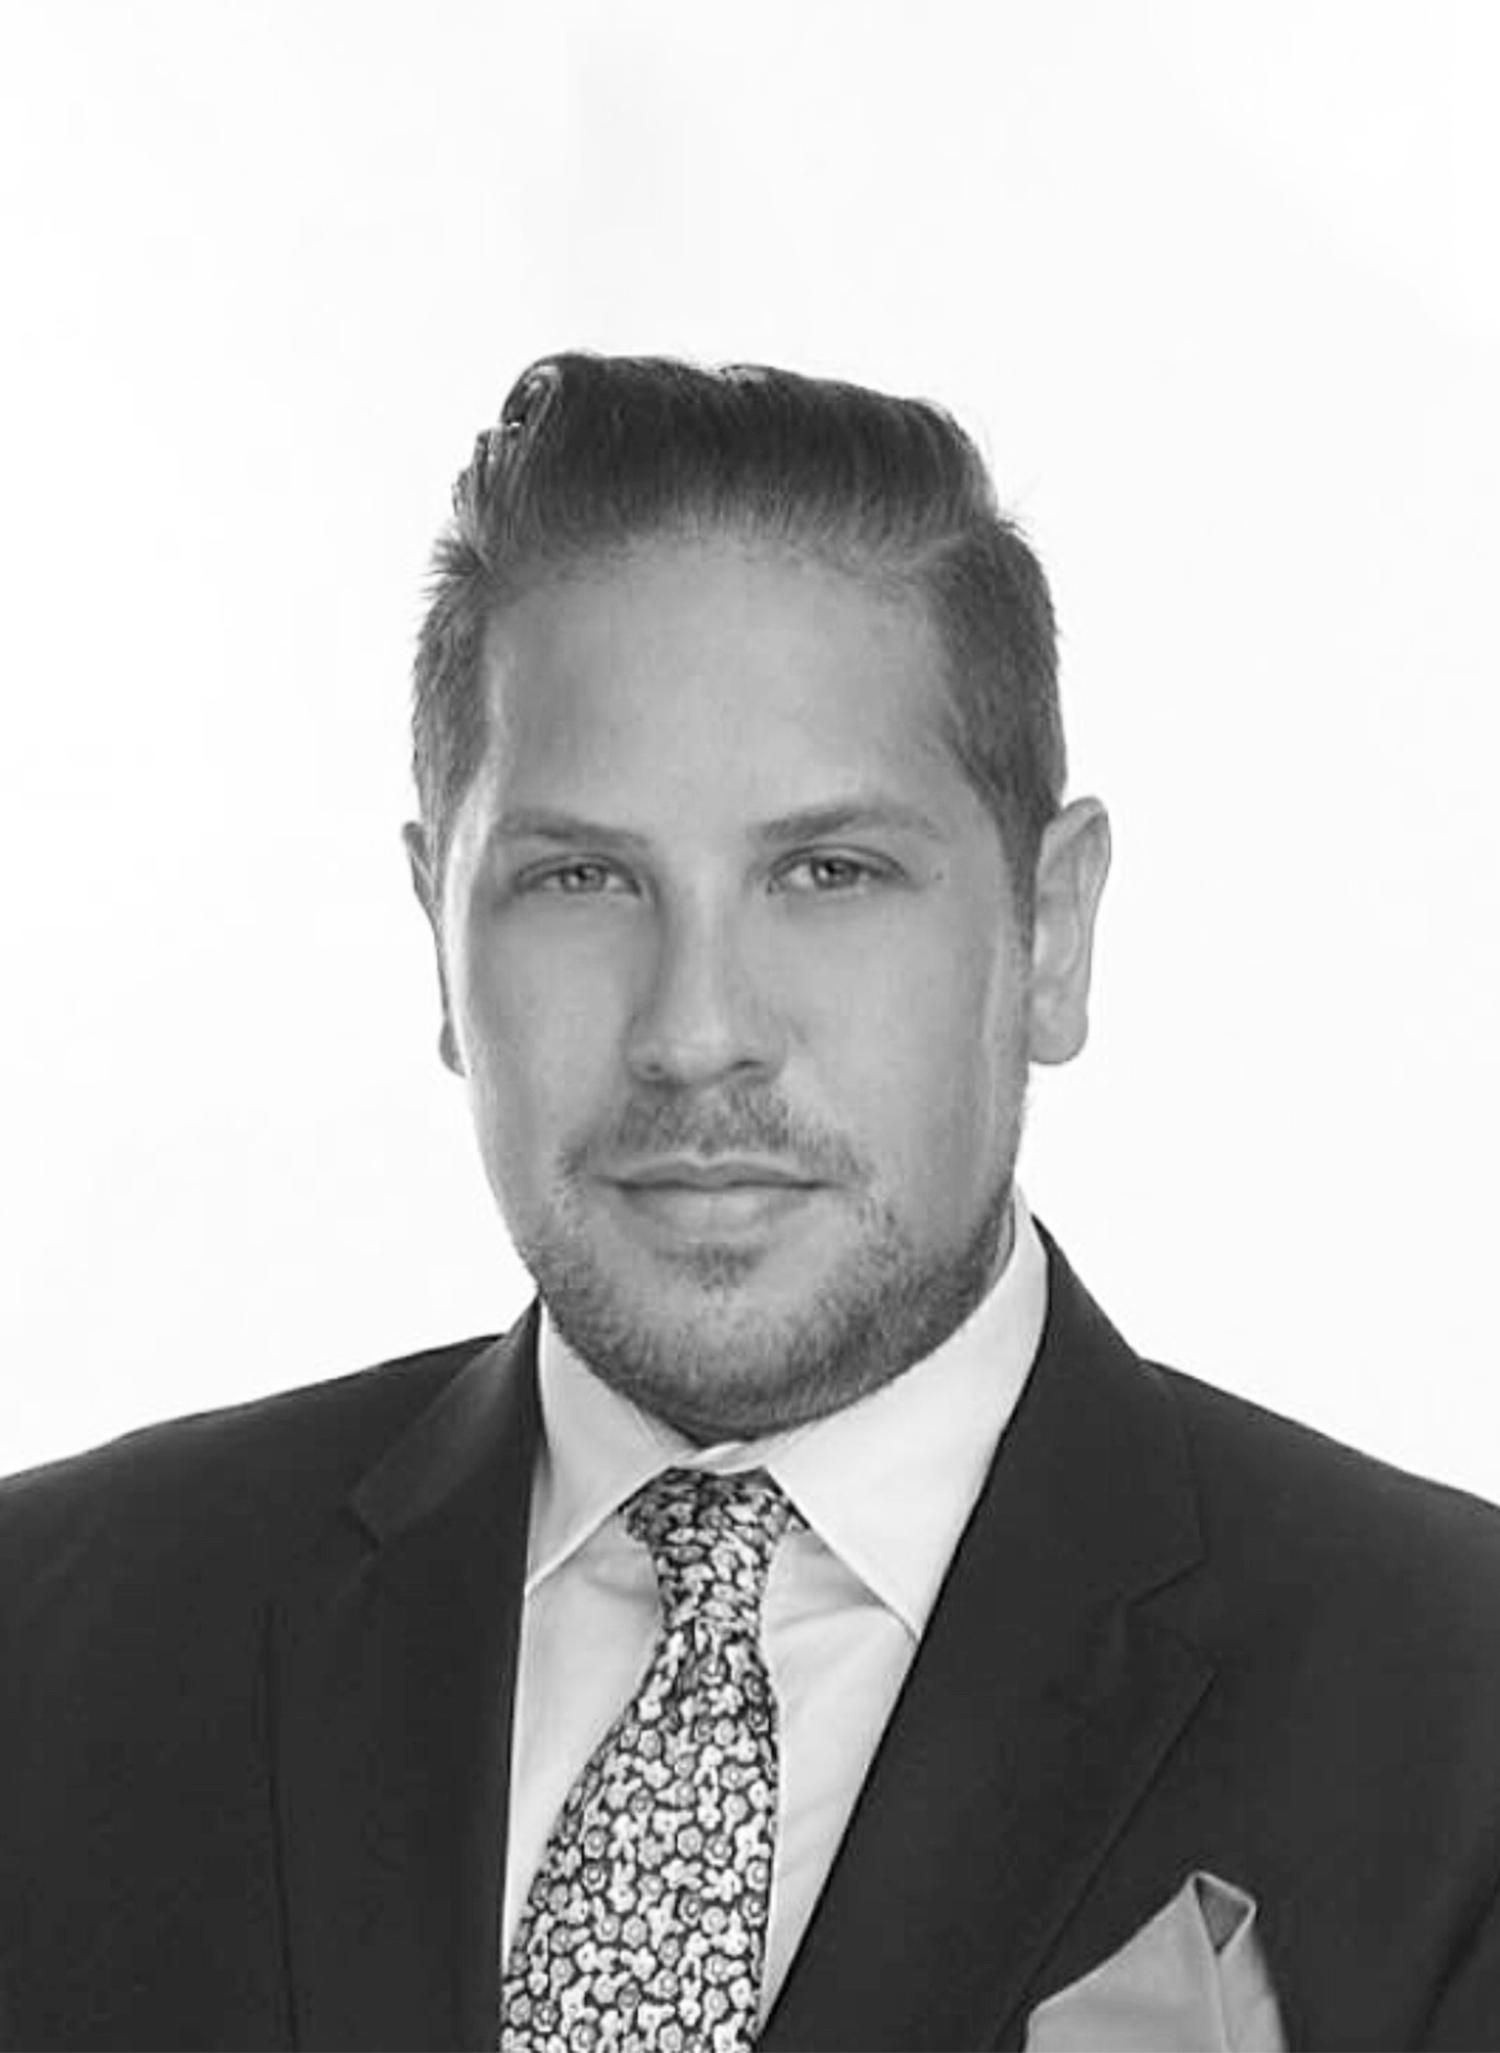 Brett Haller